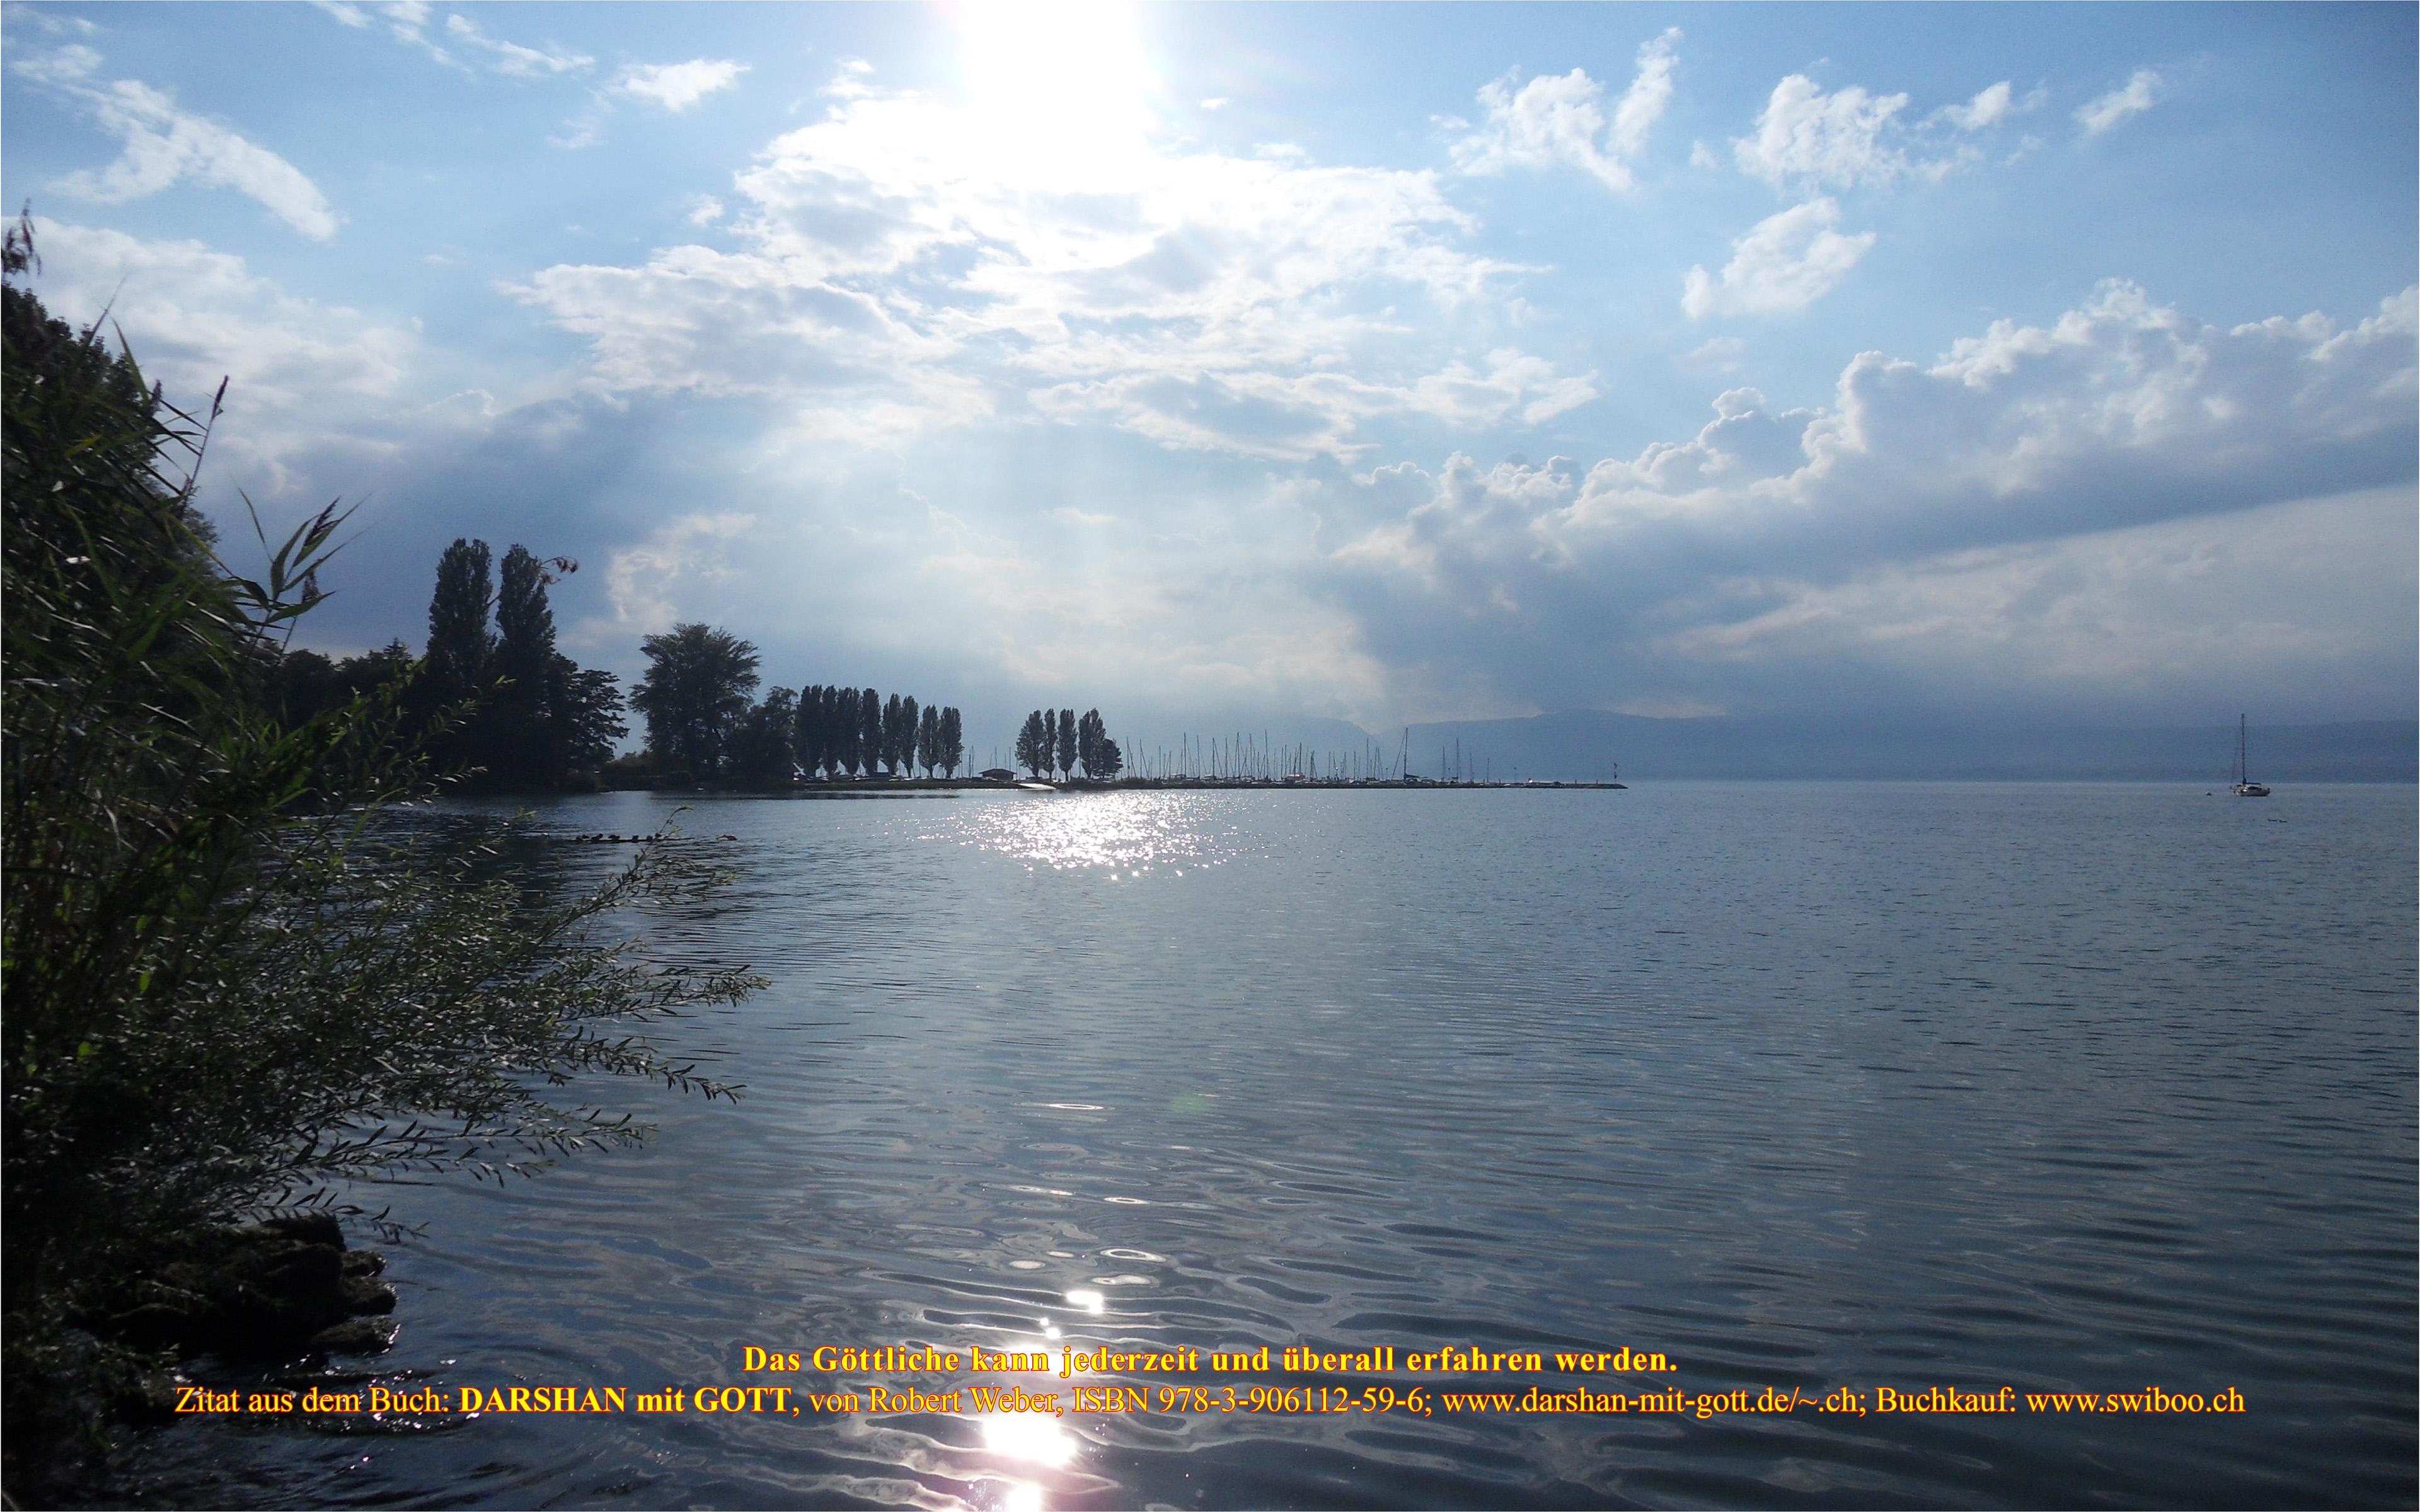 DARSHAN mit GOTT: Das Göttliche kann ..., Neuenburgersee, Blaue Bucht mit Wolken